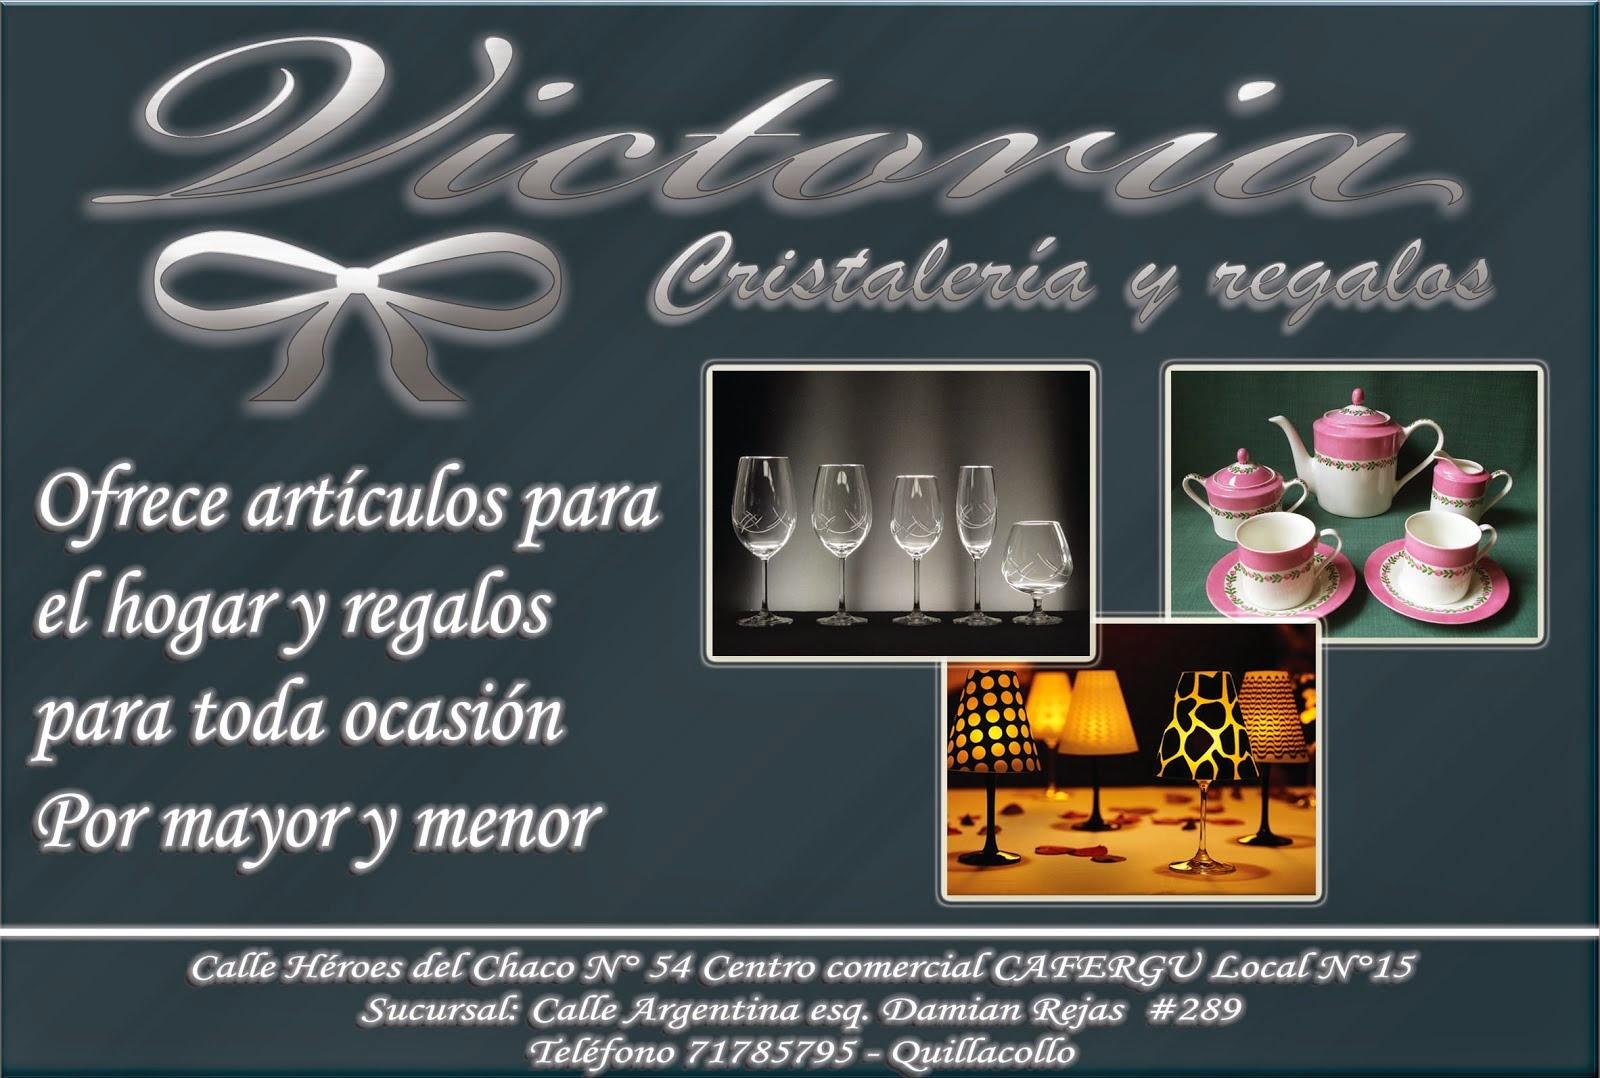 Cristalería Victoria